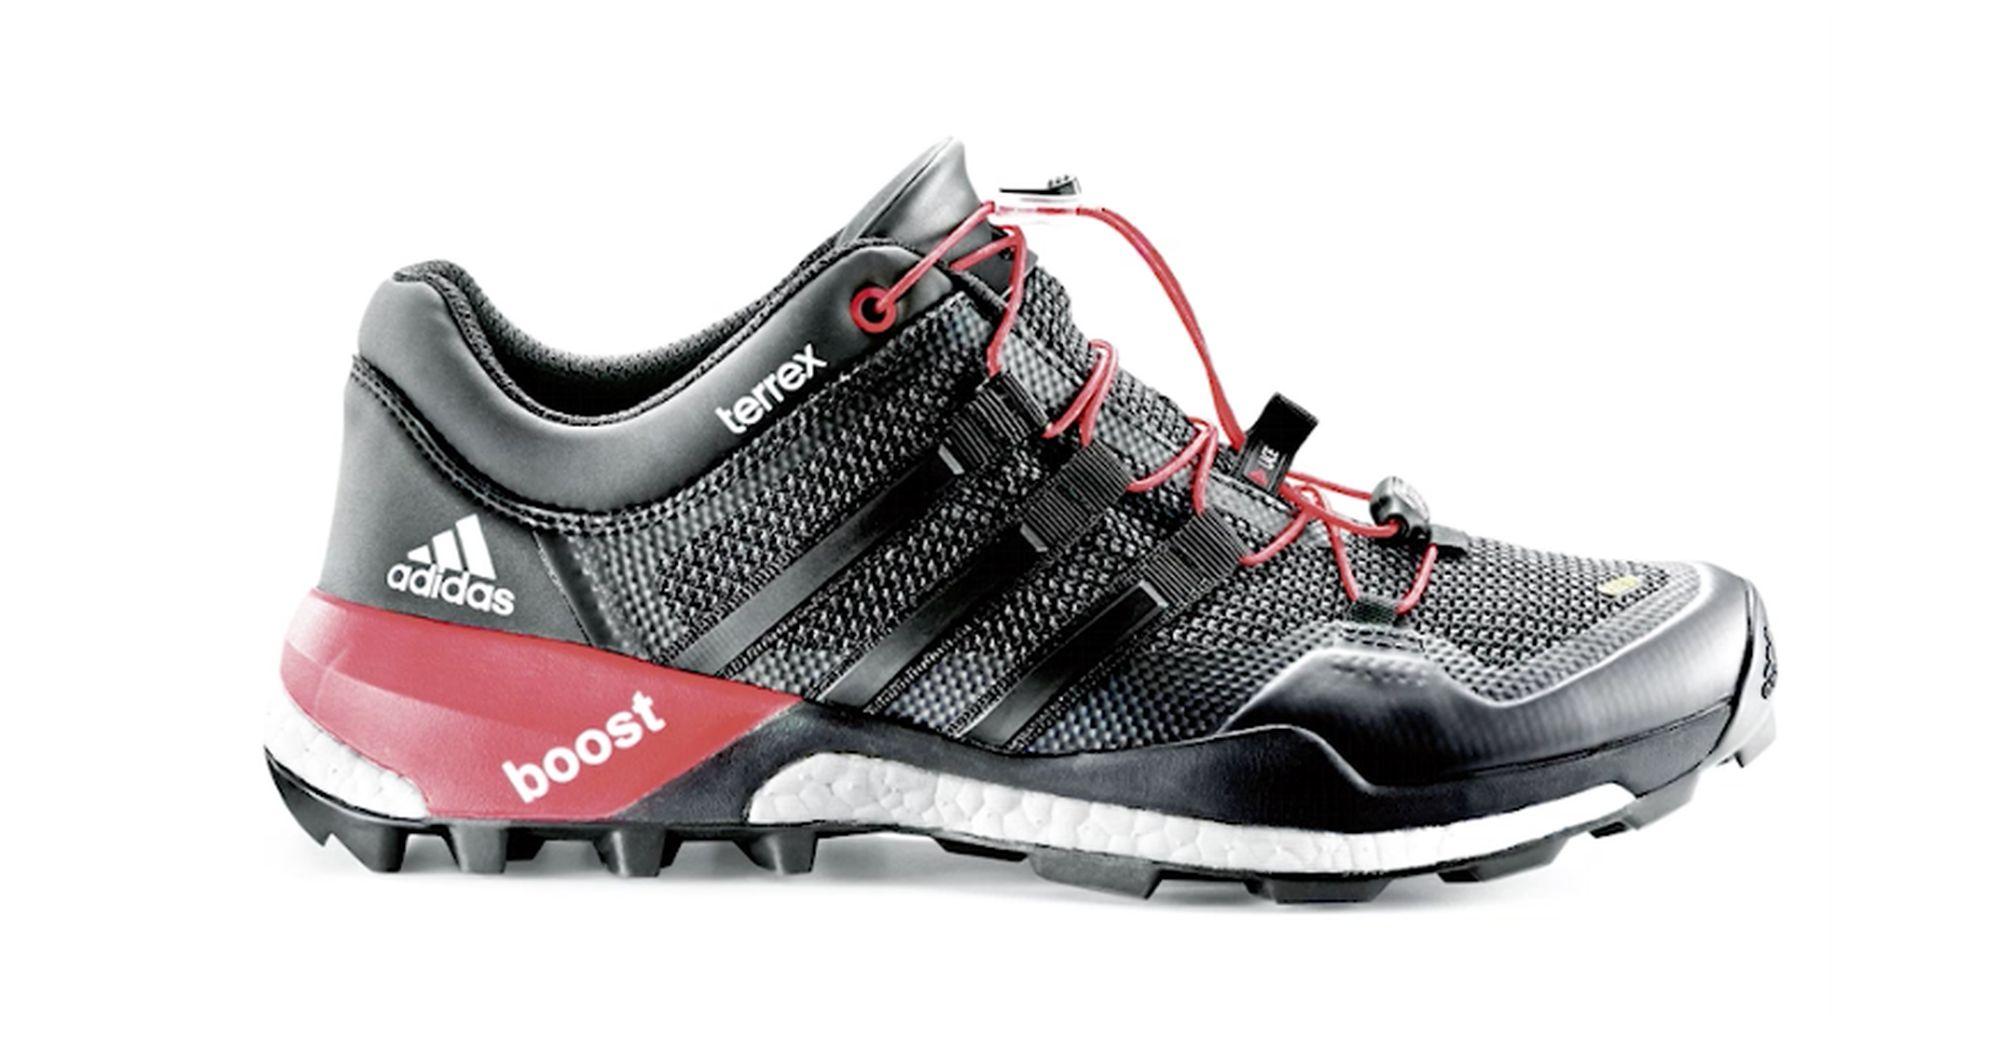 buty do biegania w terenie adidas gore tex